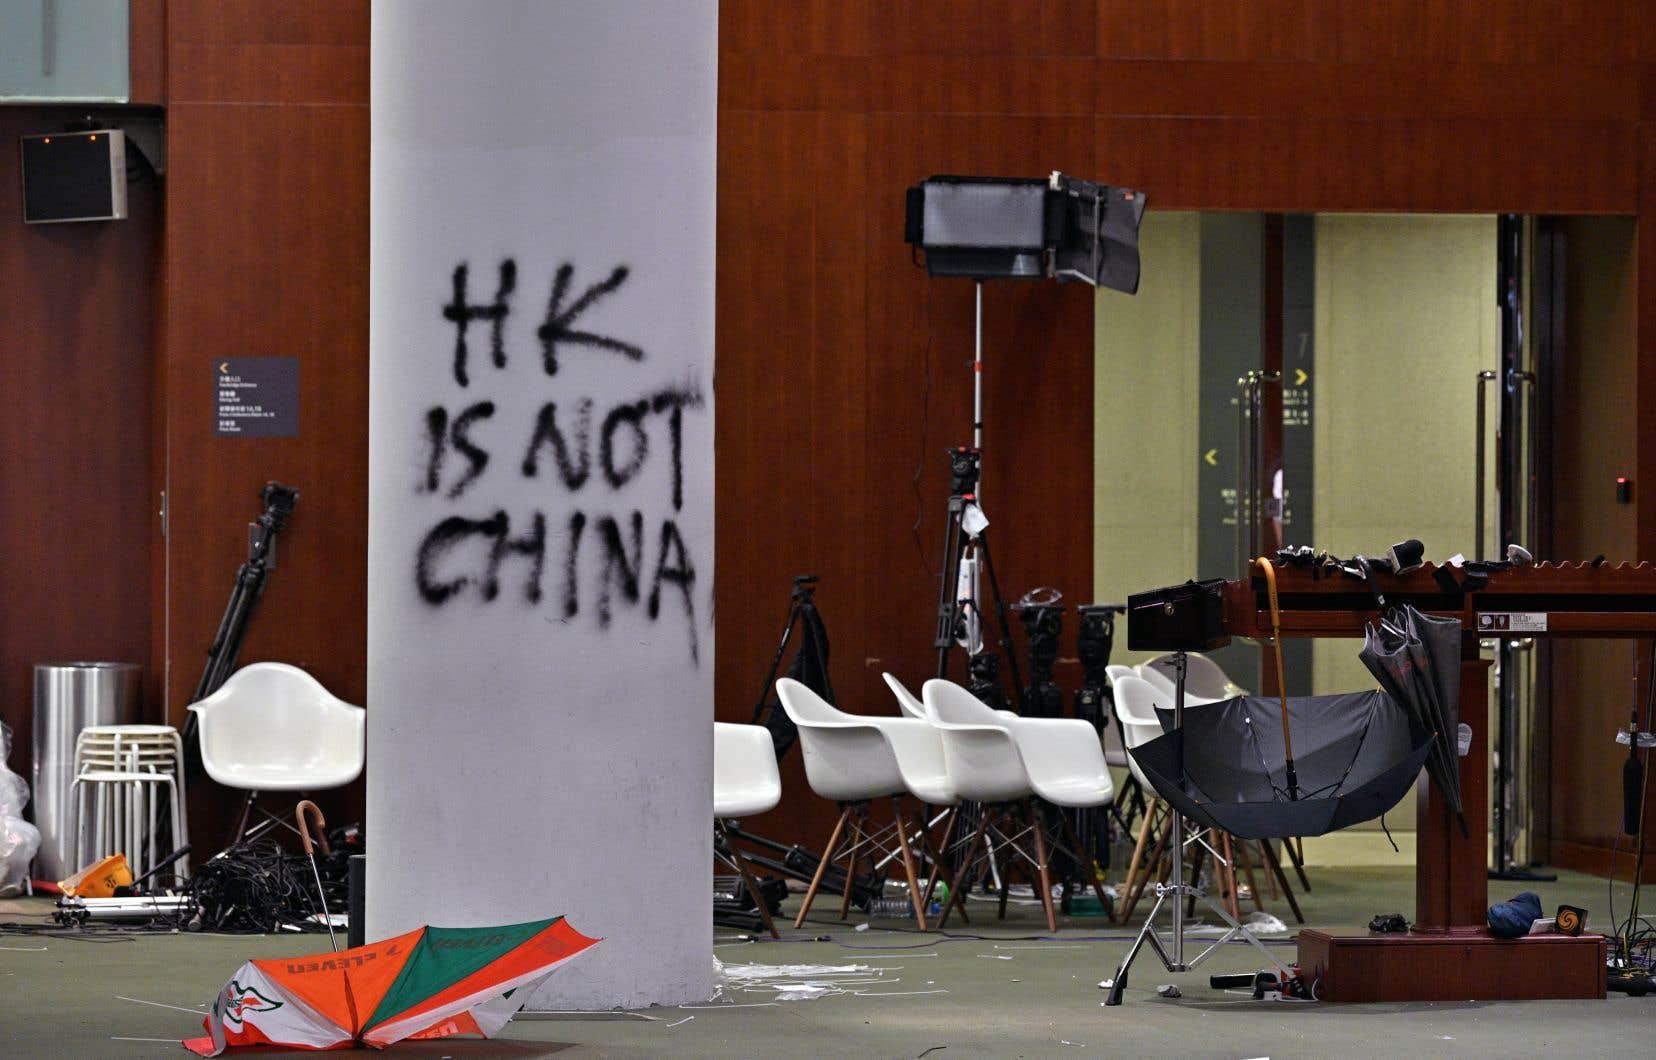 Les dégâts subis par le Conseil législatif à la suite d'une effraction de manifestants étaient visibles lors d'une visite des médias le 3juillet à Hong Kong. On peut lire sur le graffiti: «HK n'est pas la Chine».